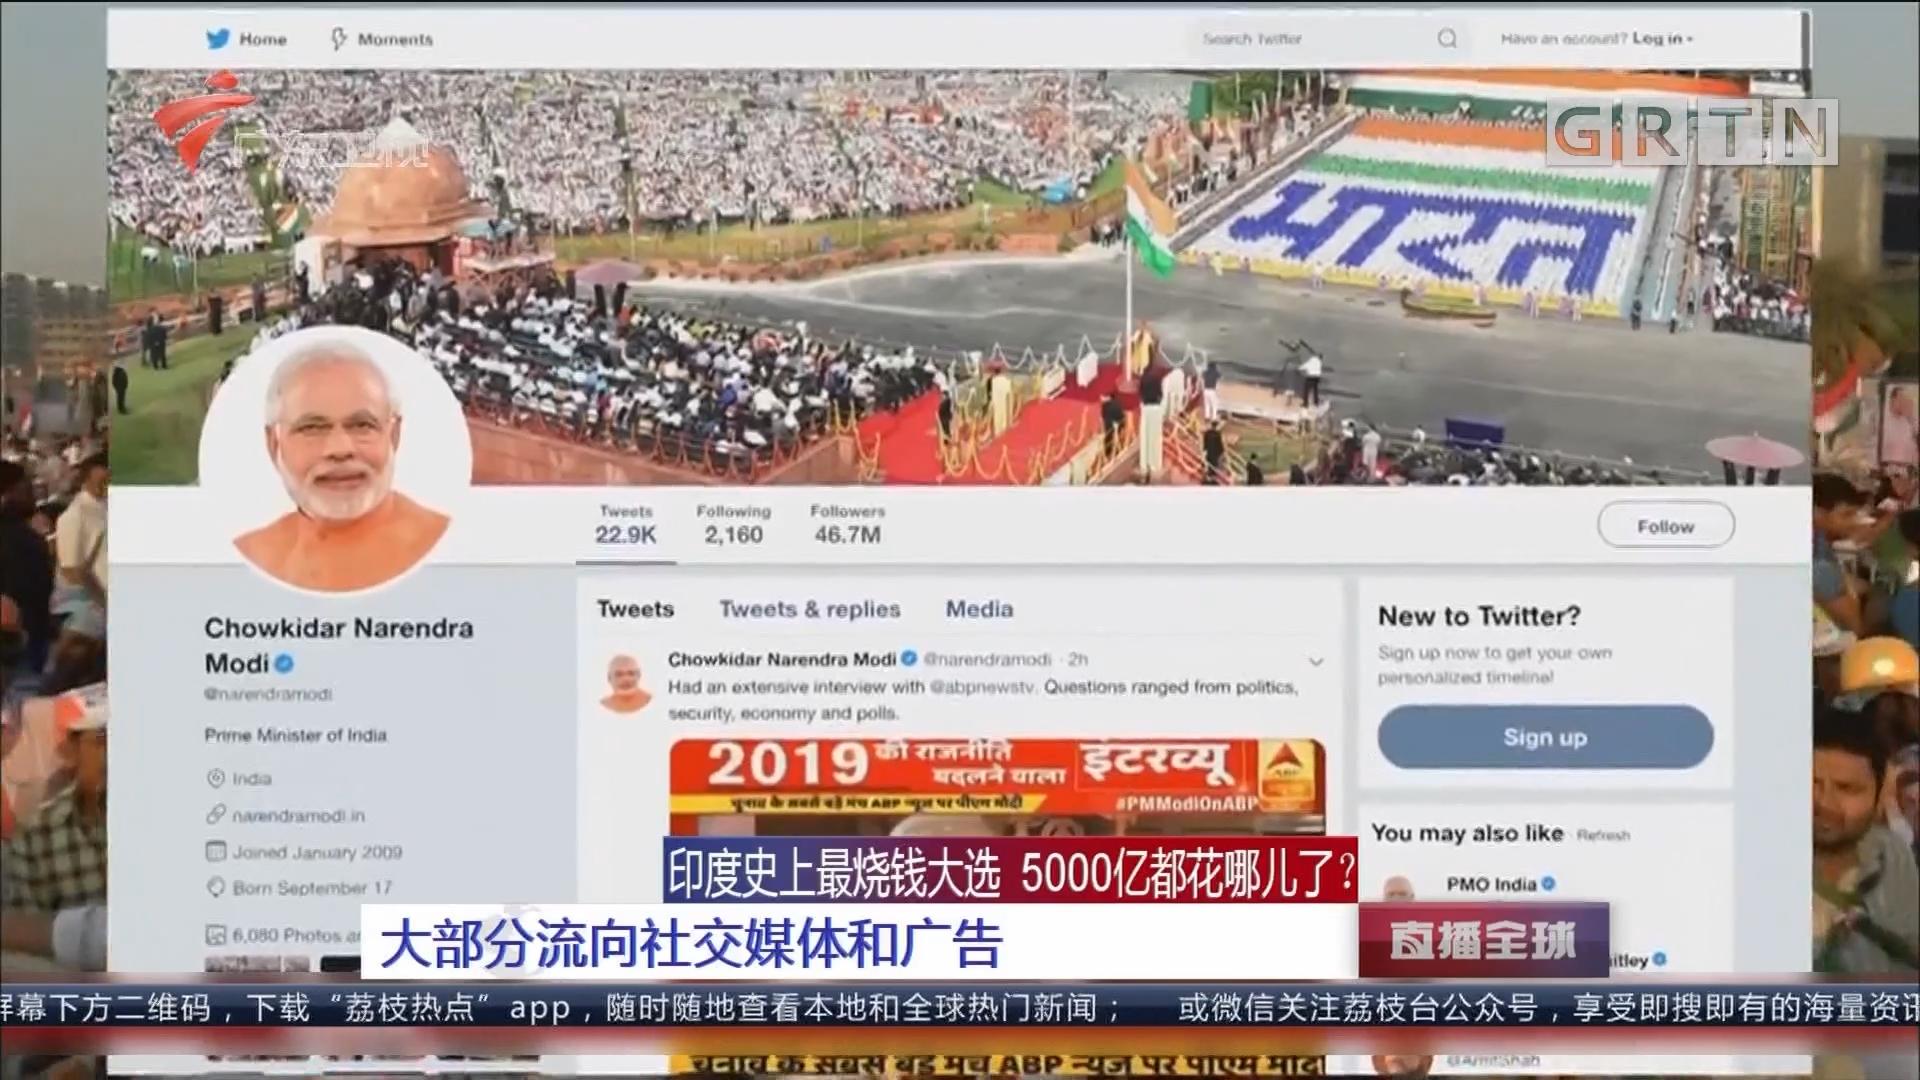 印度史上最烧钱大选 5000亿都花在哪儿了? 大部分流向社交媒体和广告